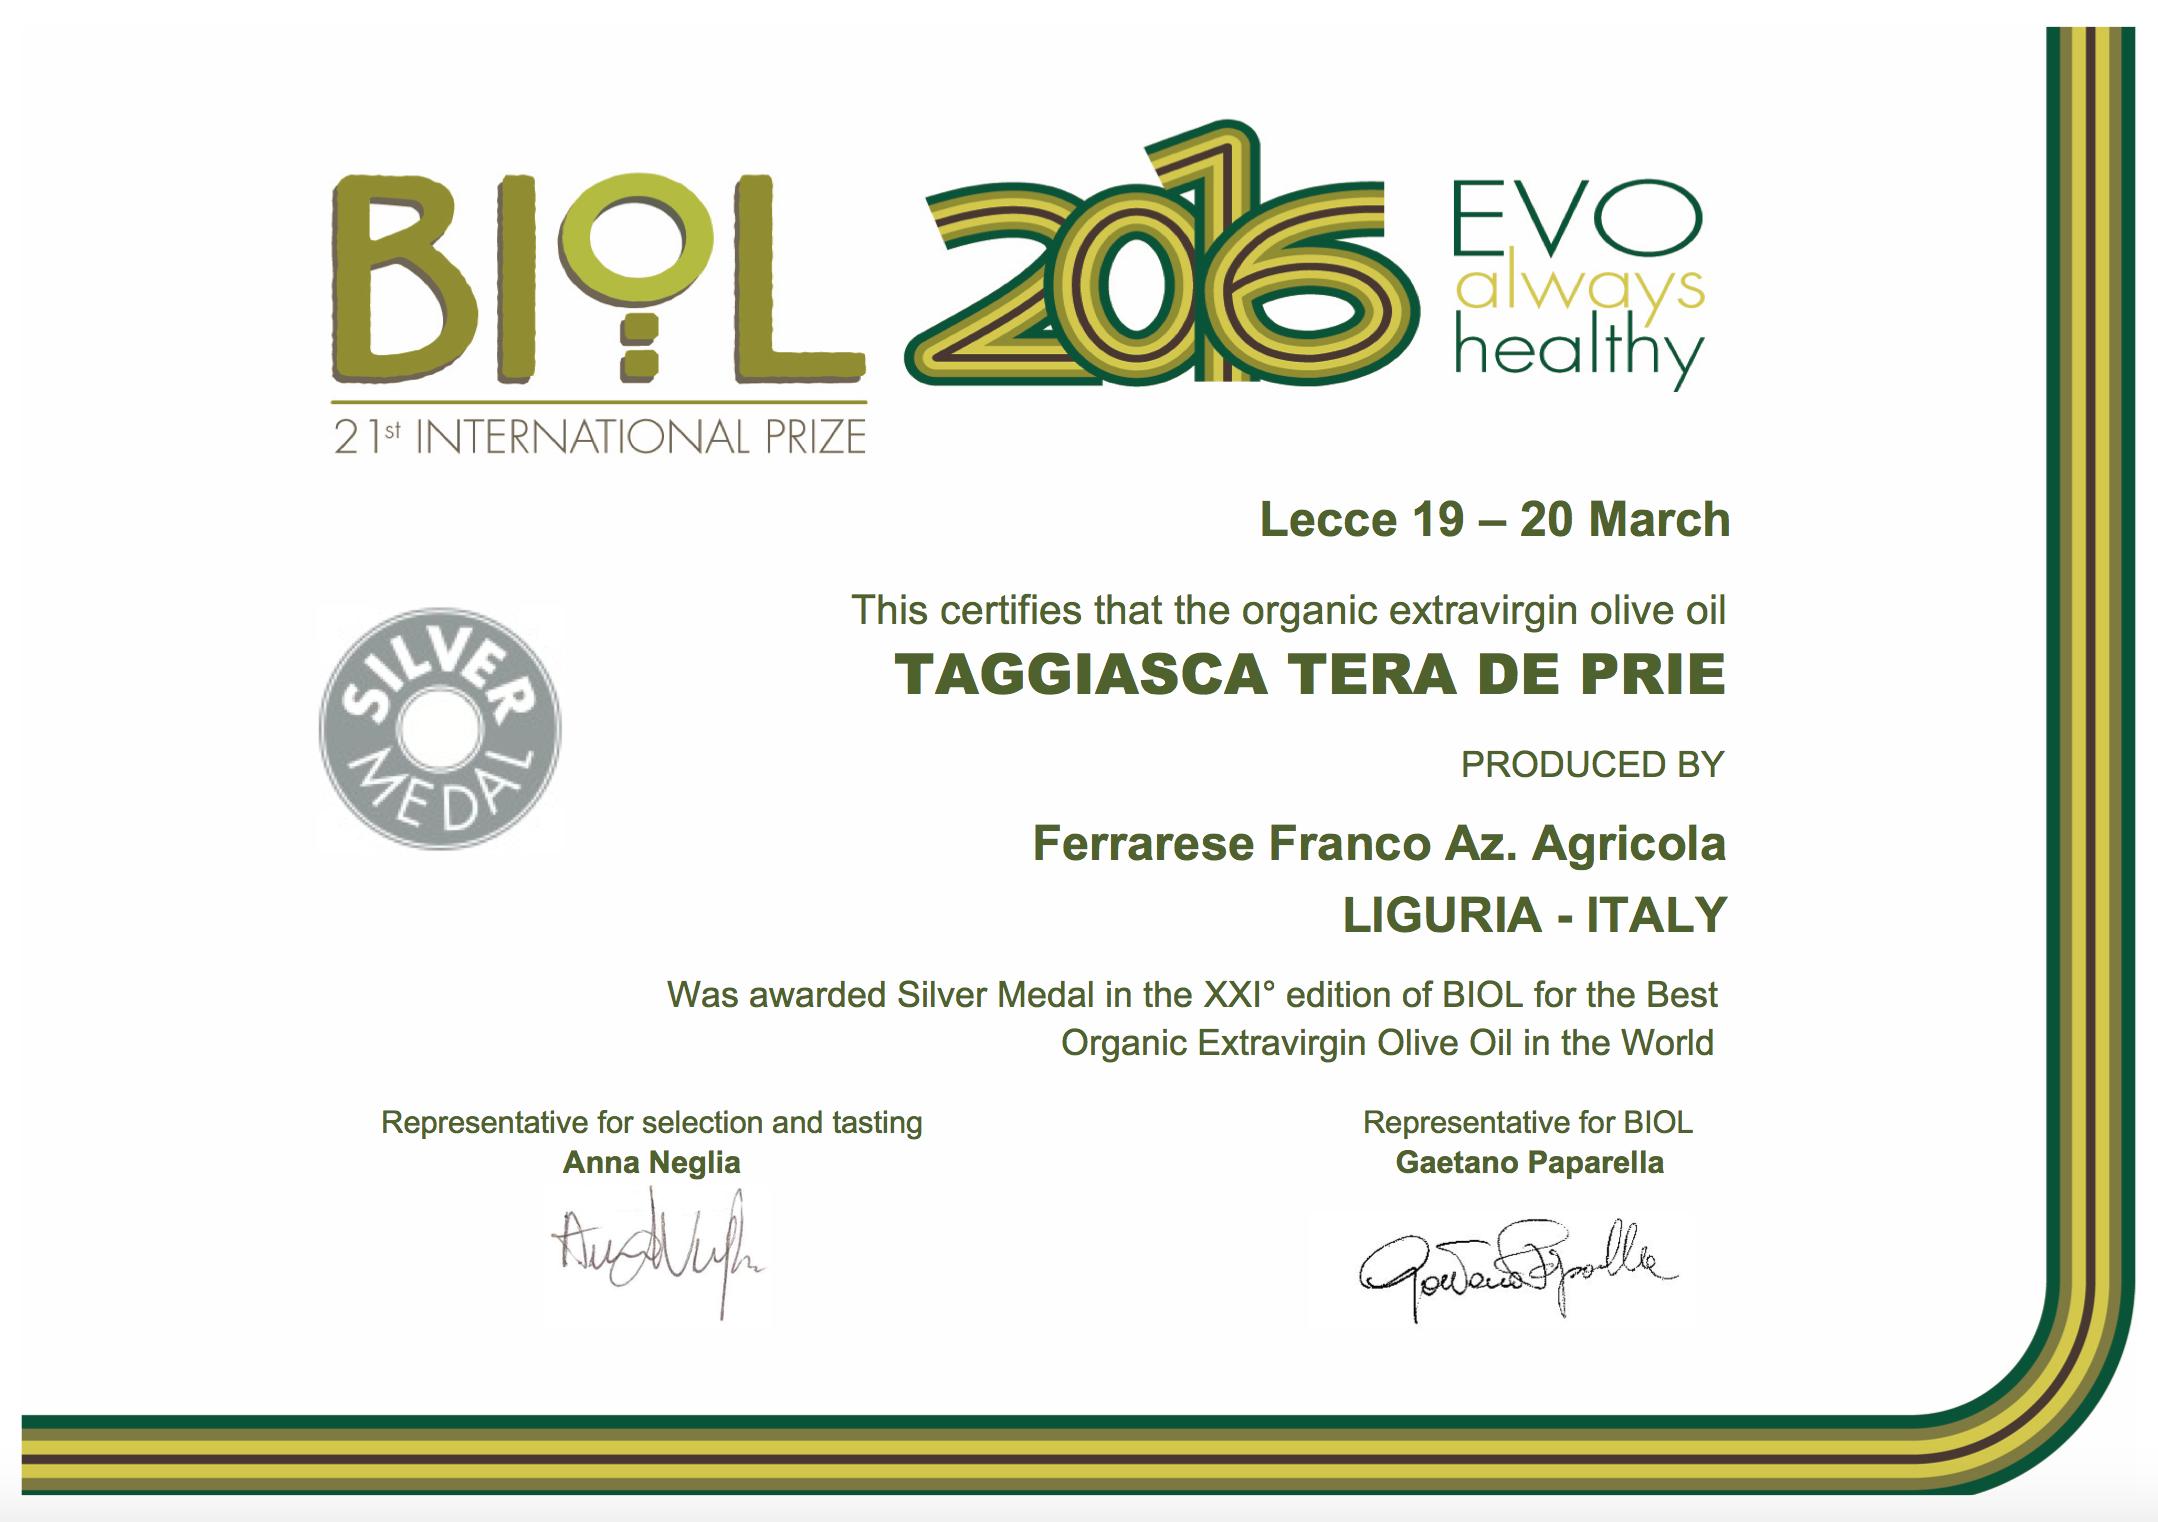 Sul podio del 21° Premio Biol